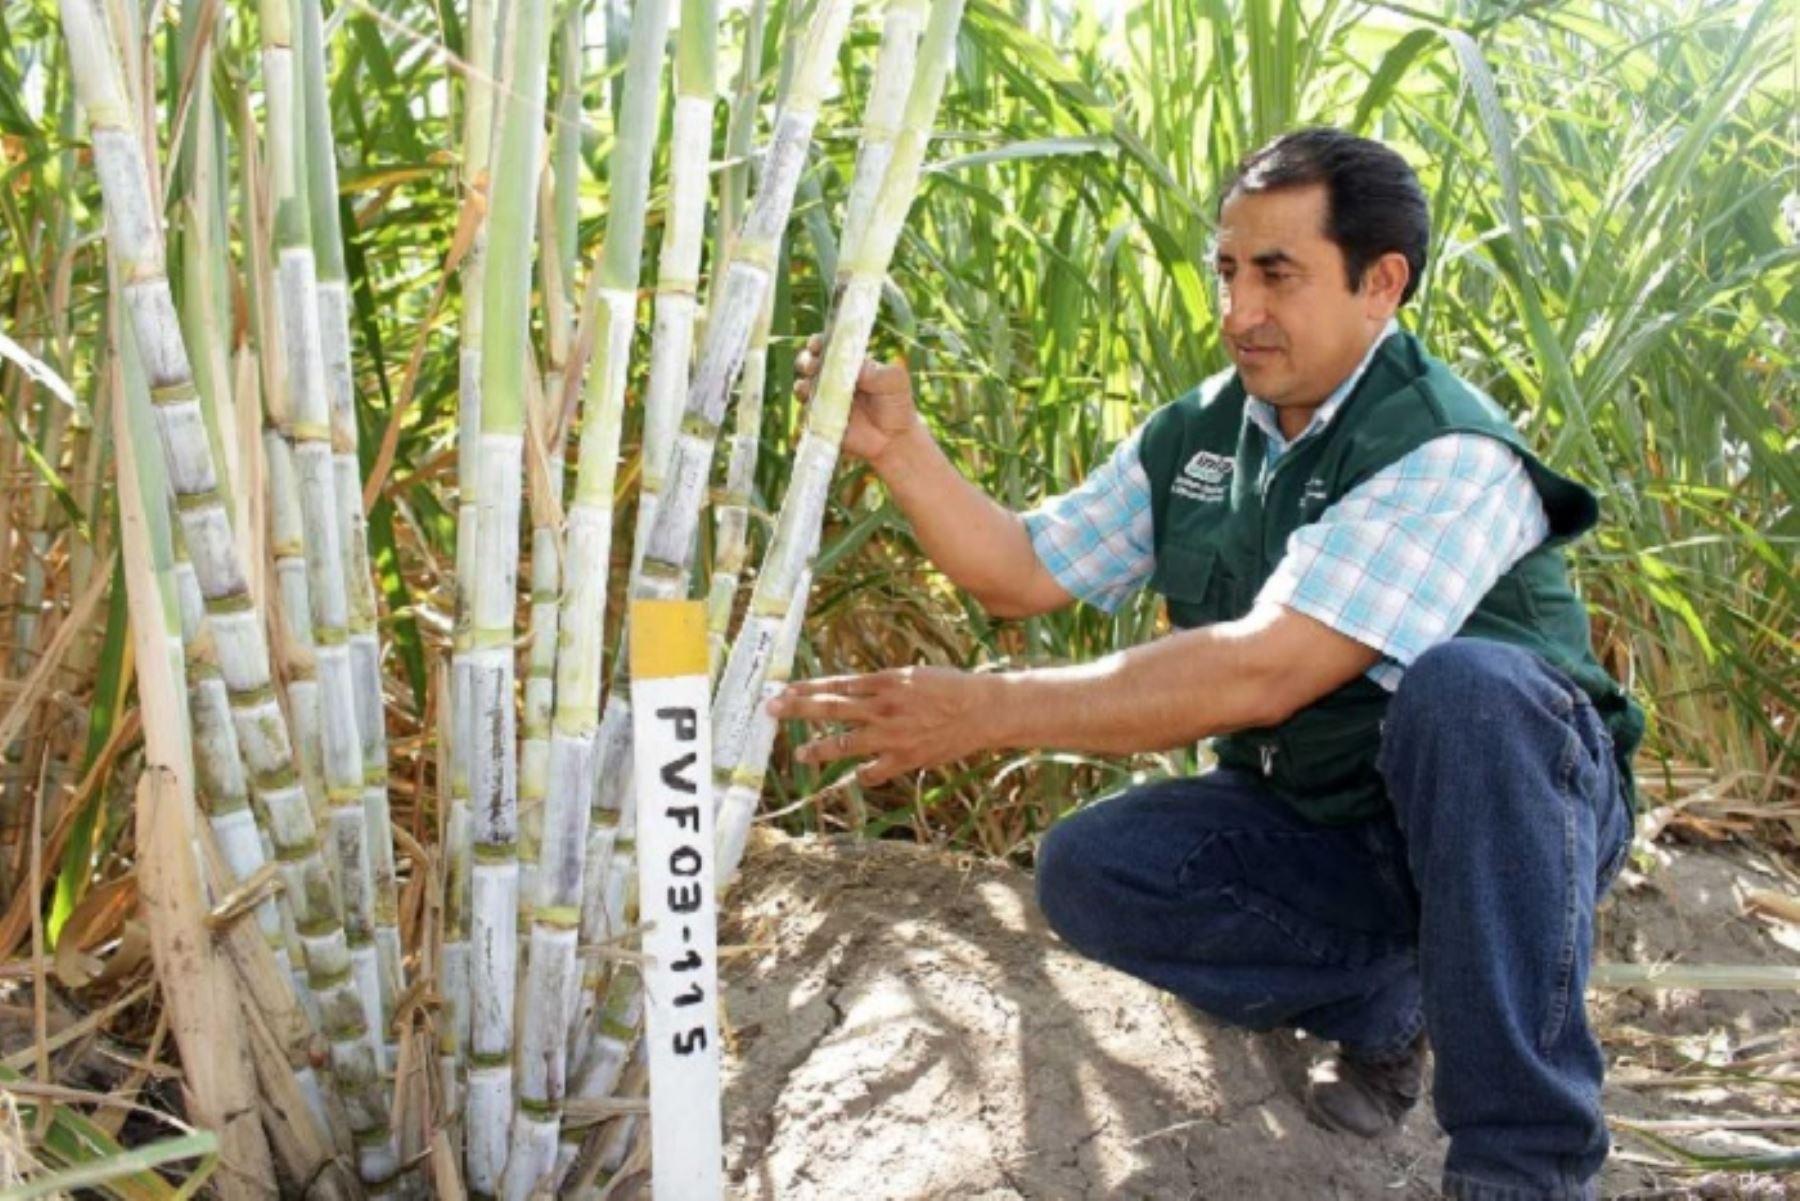 Más de mil productores agrarios de caña de azúcar para panela orgánica granulada de los valles interandinos de las regiones de Piura, Lambayeque, Cajamarca y La Libertad, podrán mejorar los niveles de producción y productividad de sus cultivos a través de la adopción de nuevas técnicas de manejo agronómico, promovidas por el Instituto Nacional de Innovación Agraria (INIA) del Ministerio de Agricultura y Riego (Minagri).